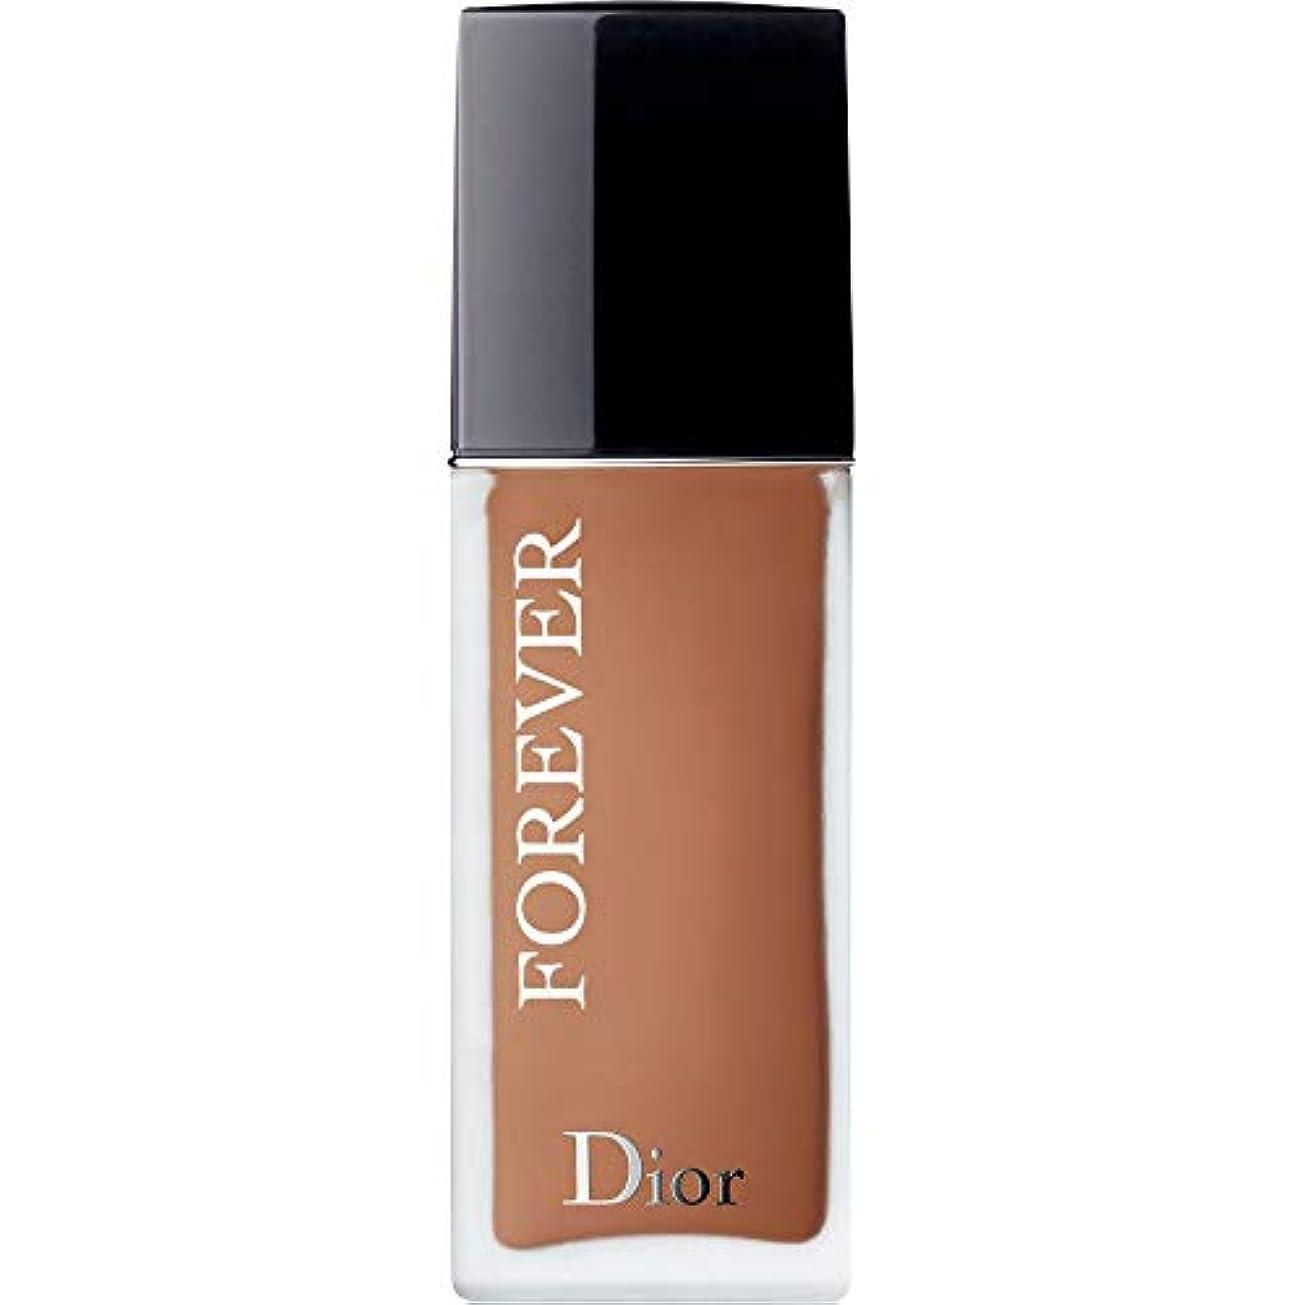 眠り阻害する魅了する[Dior ] ディオール永遠皮膚思いやりの基盤Spf35 30ミリリットルの5N - ニュートラル(つや消し) - DIOR Forever Skin-Caring Foundation SPF35 30ml 5N -...